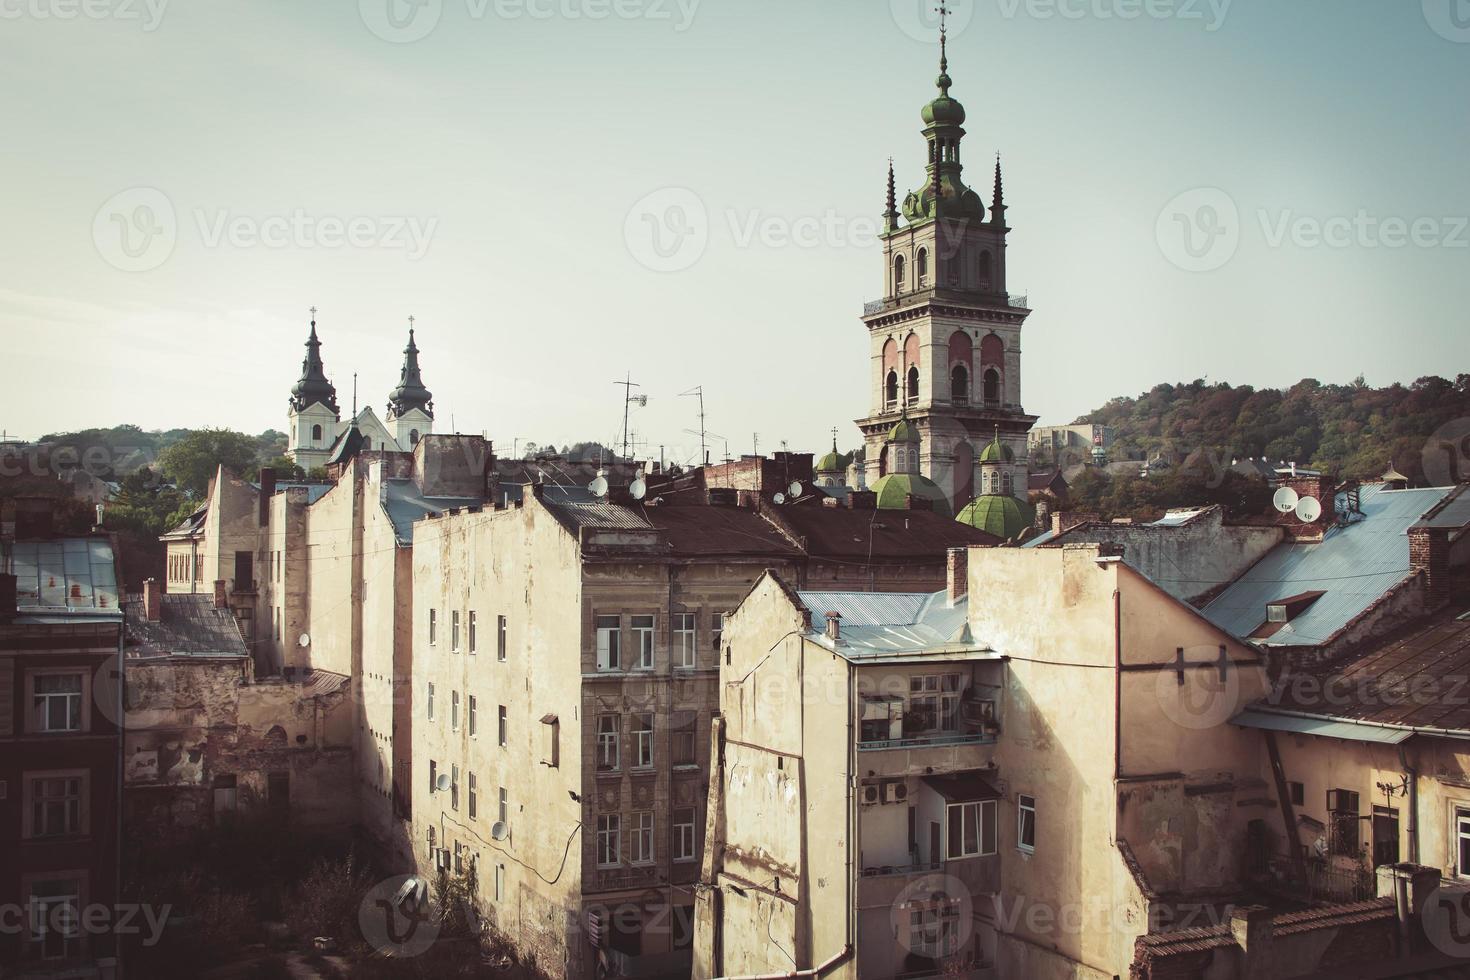 vista da catedral em altura foto